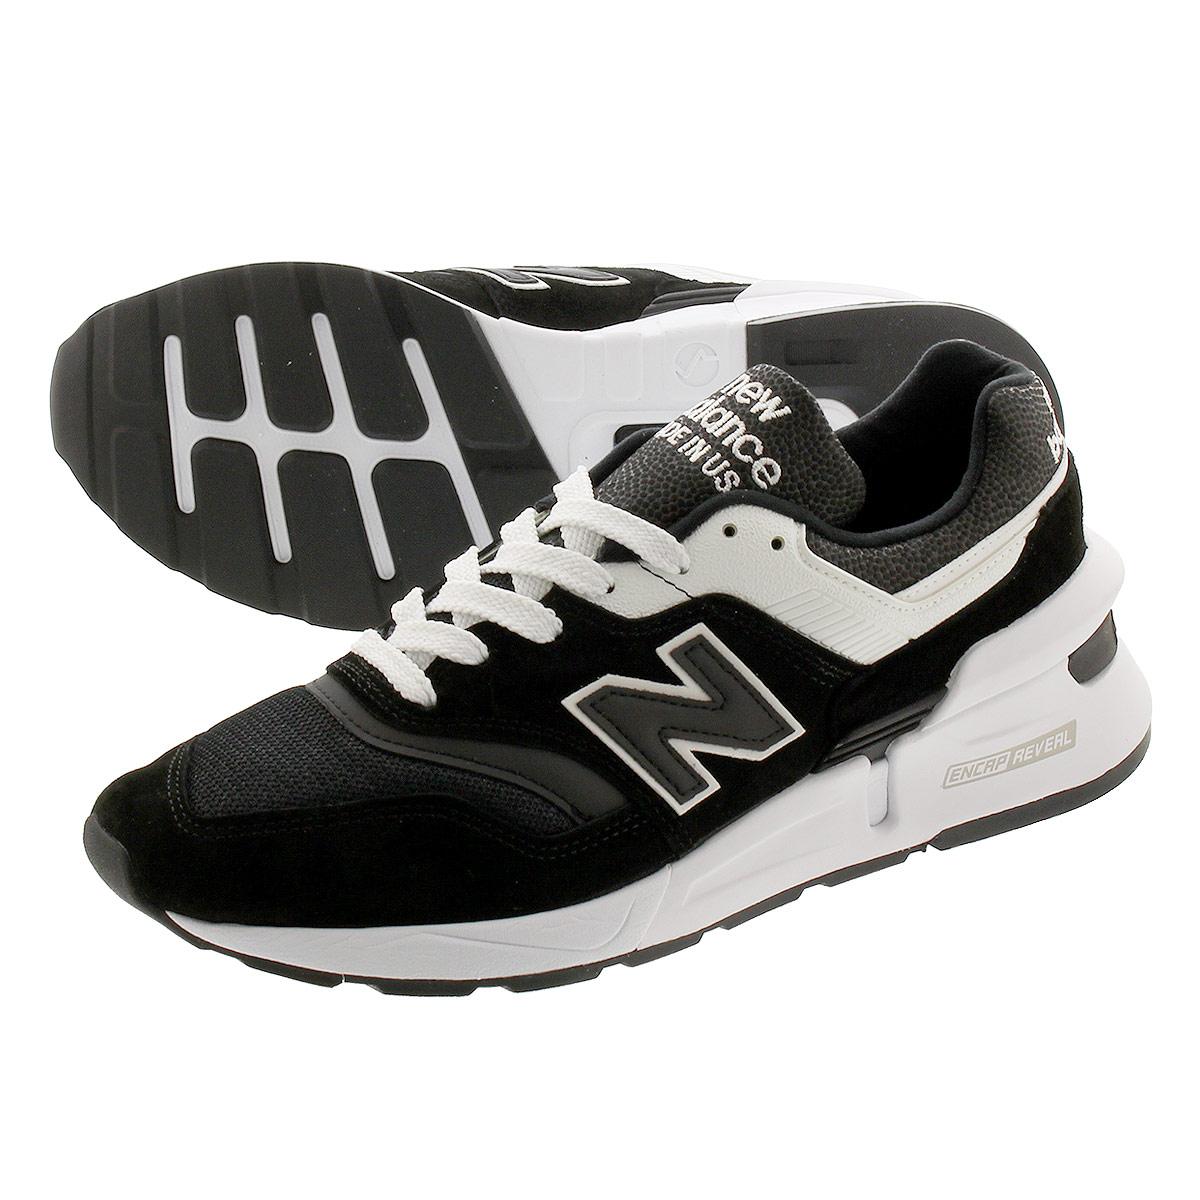 <title>送料無料 NEW BALANCE ニューバランス スニーカー 靴 メンズ ブラック 黒 m997sbw M997SBW 初回限定 MADE IN U.S.A. M 997 SBW BLACK WHITE</title>